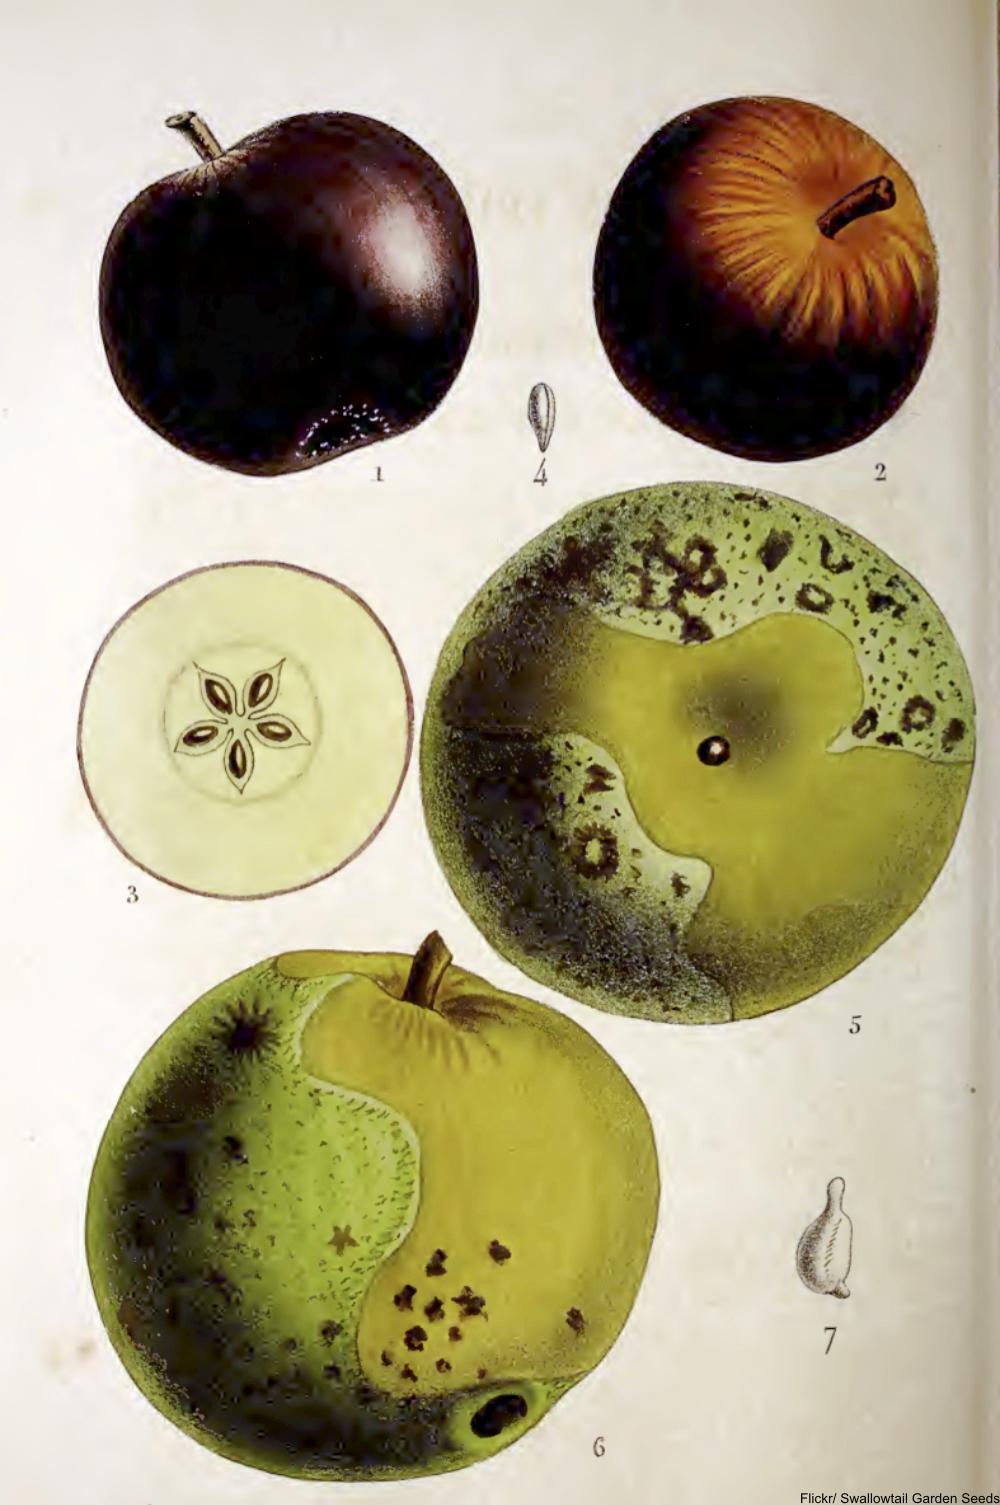 heirloom apple varieties